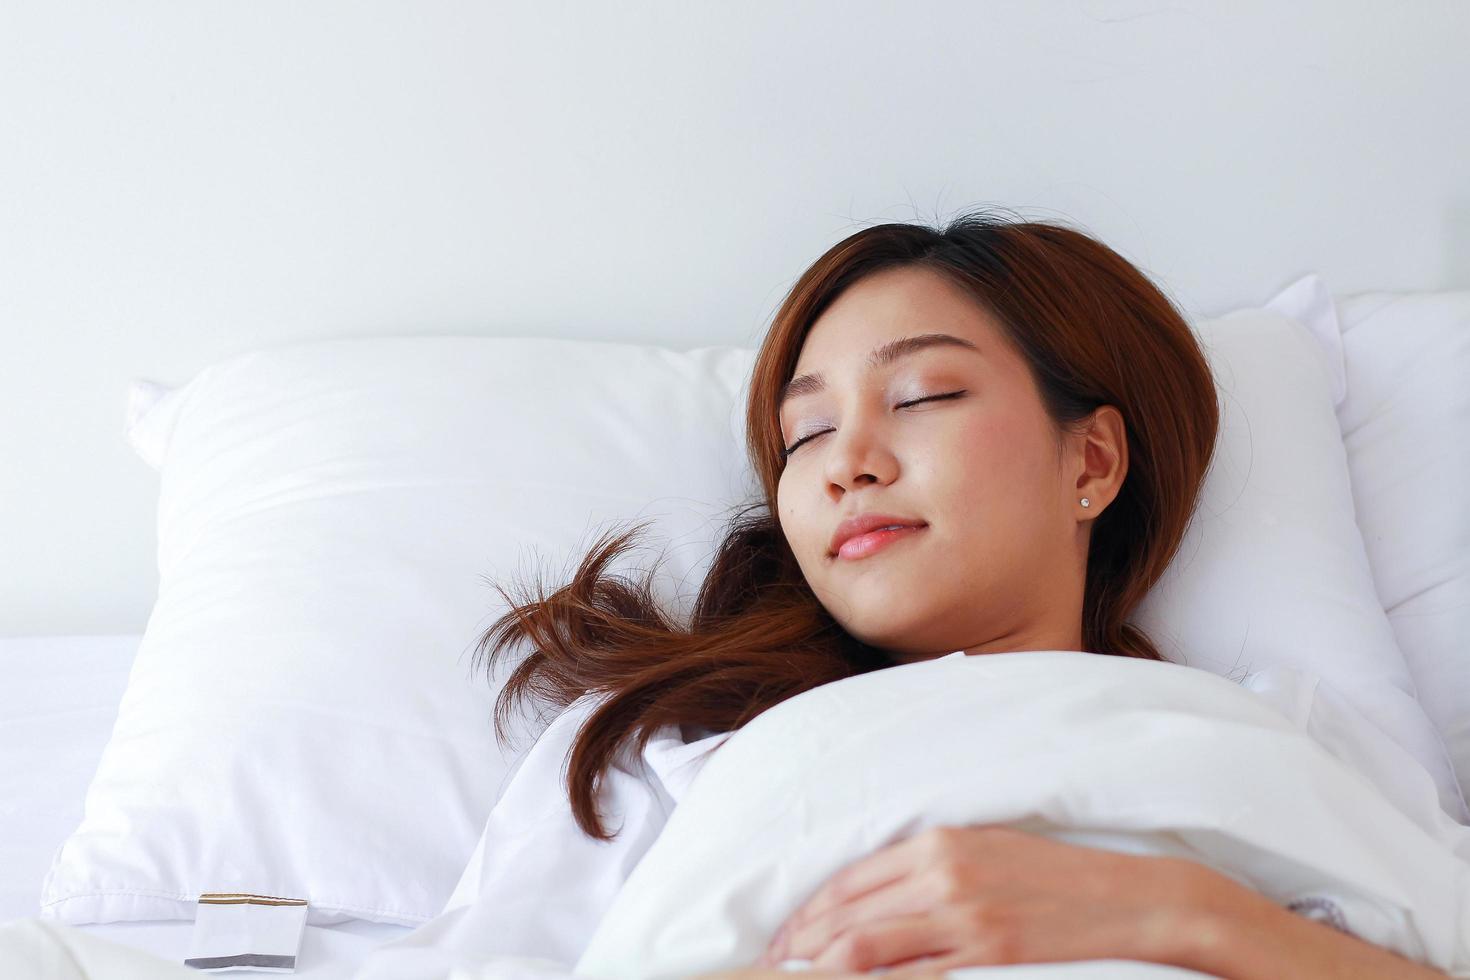 asiatisk kvinna sover i en vit säng på en semester hemma. foto